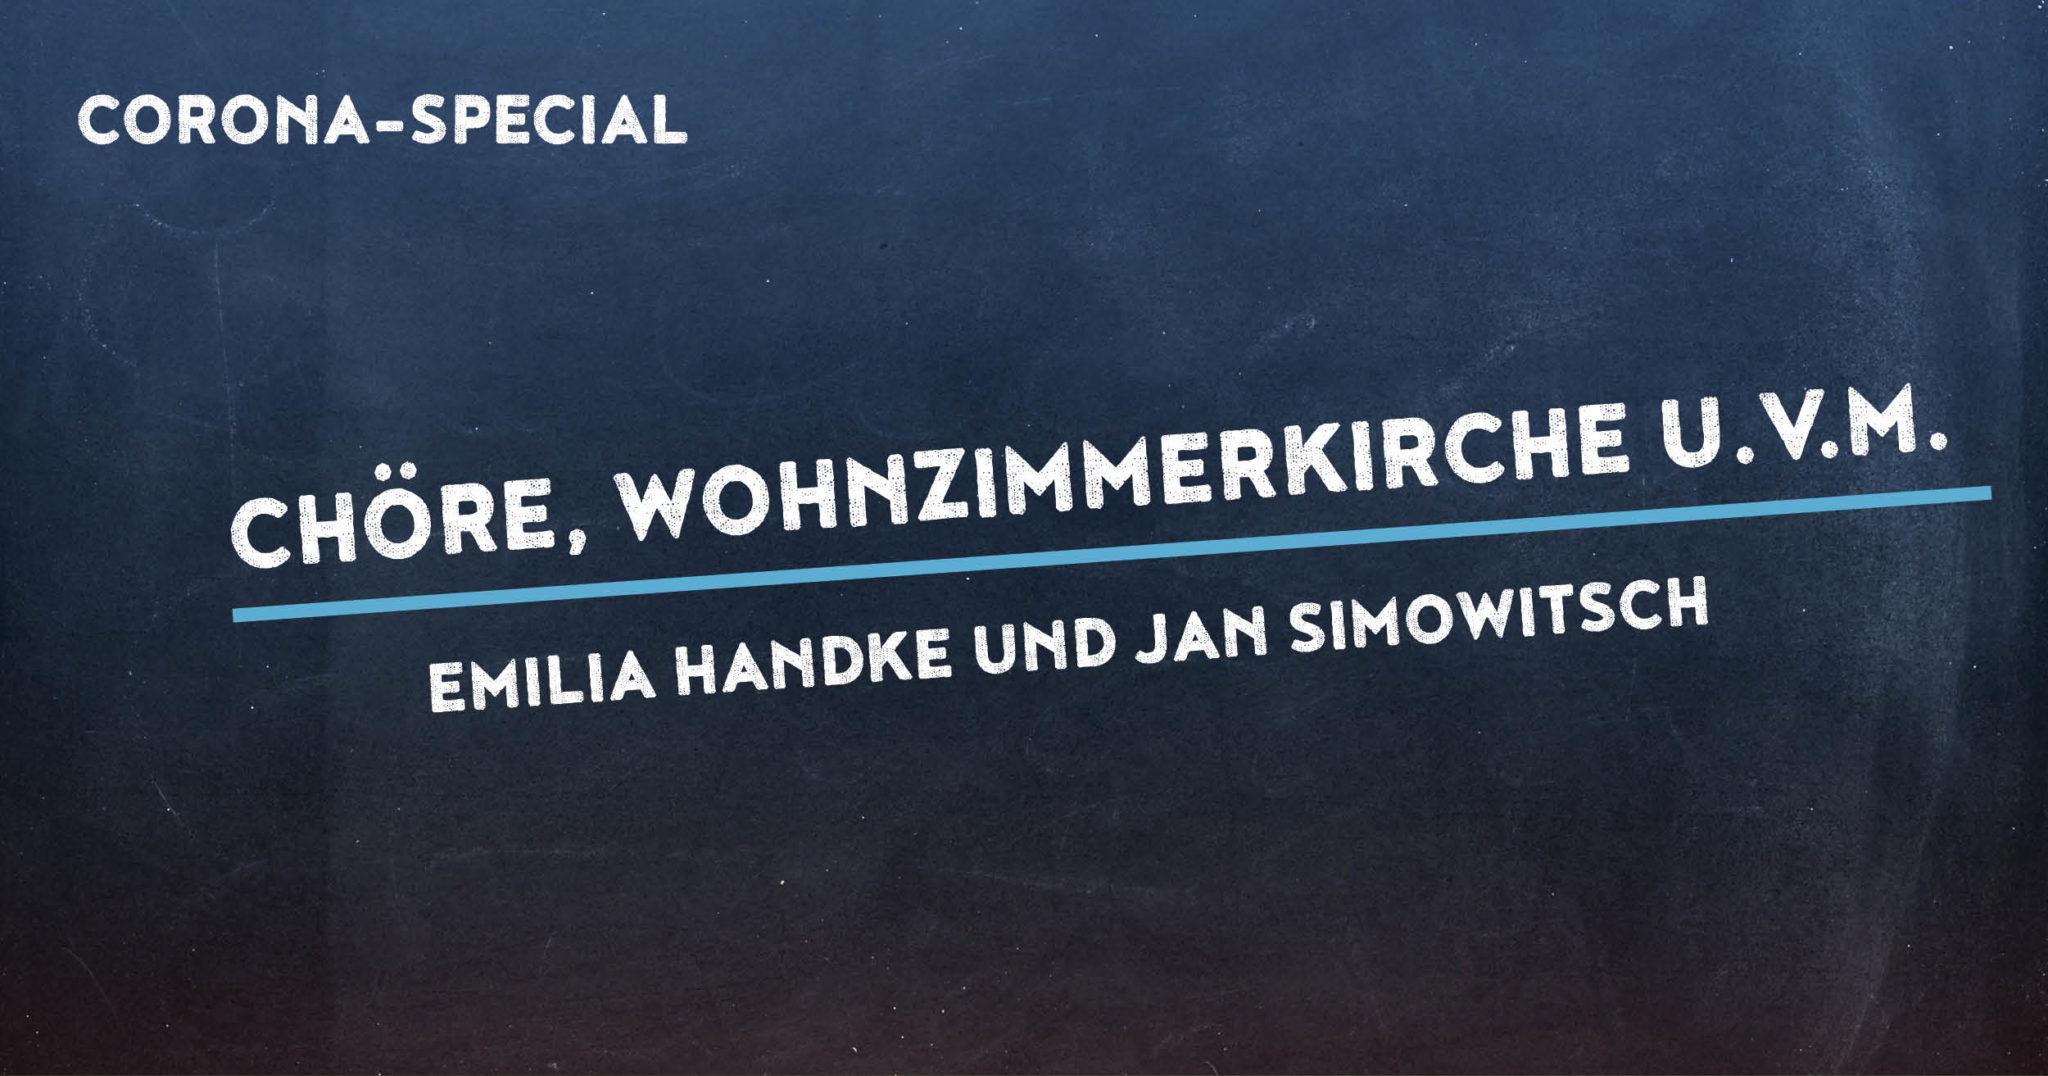 Corona Special 14: Emilia Handke und Jan Simowitsch